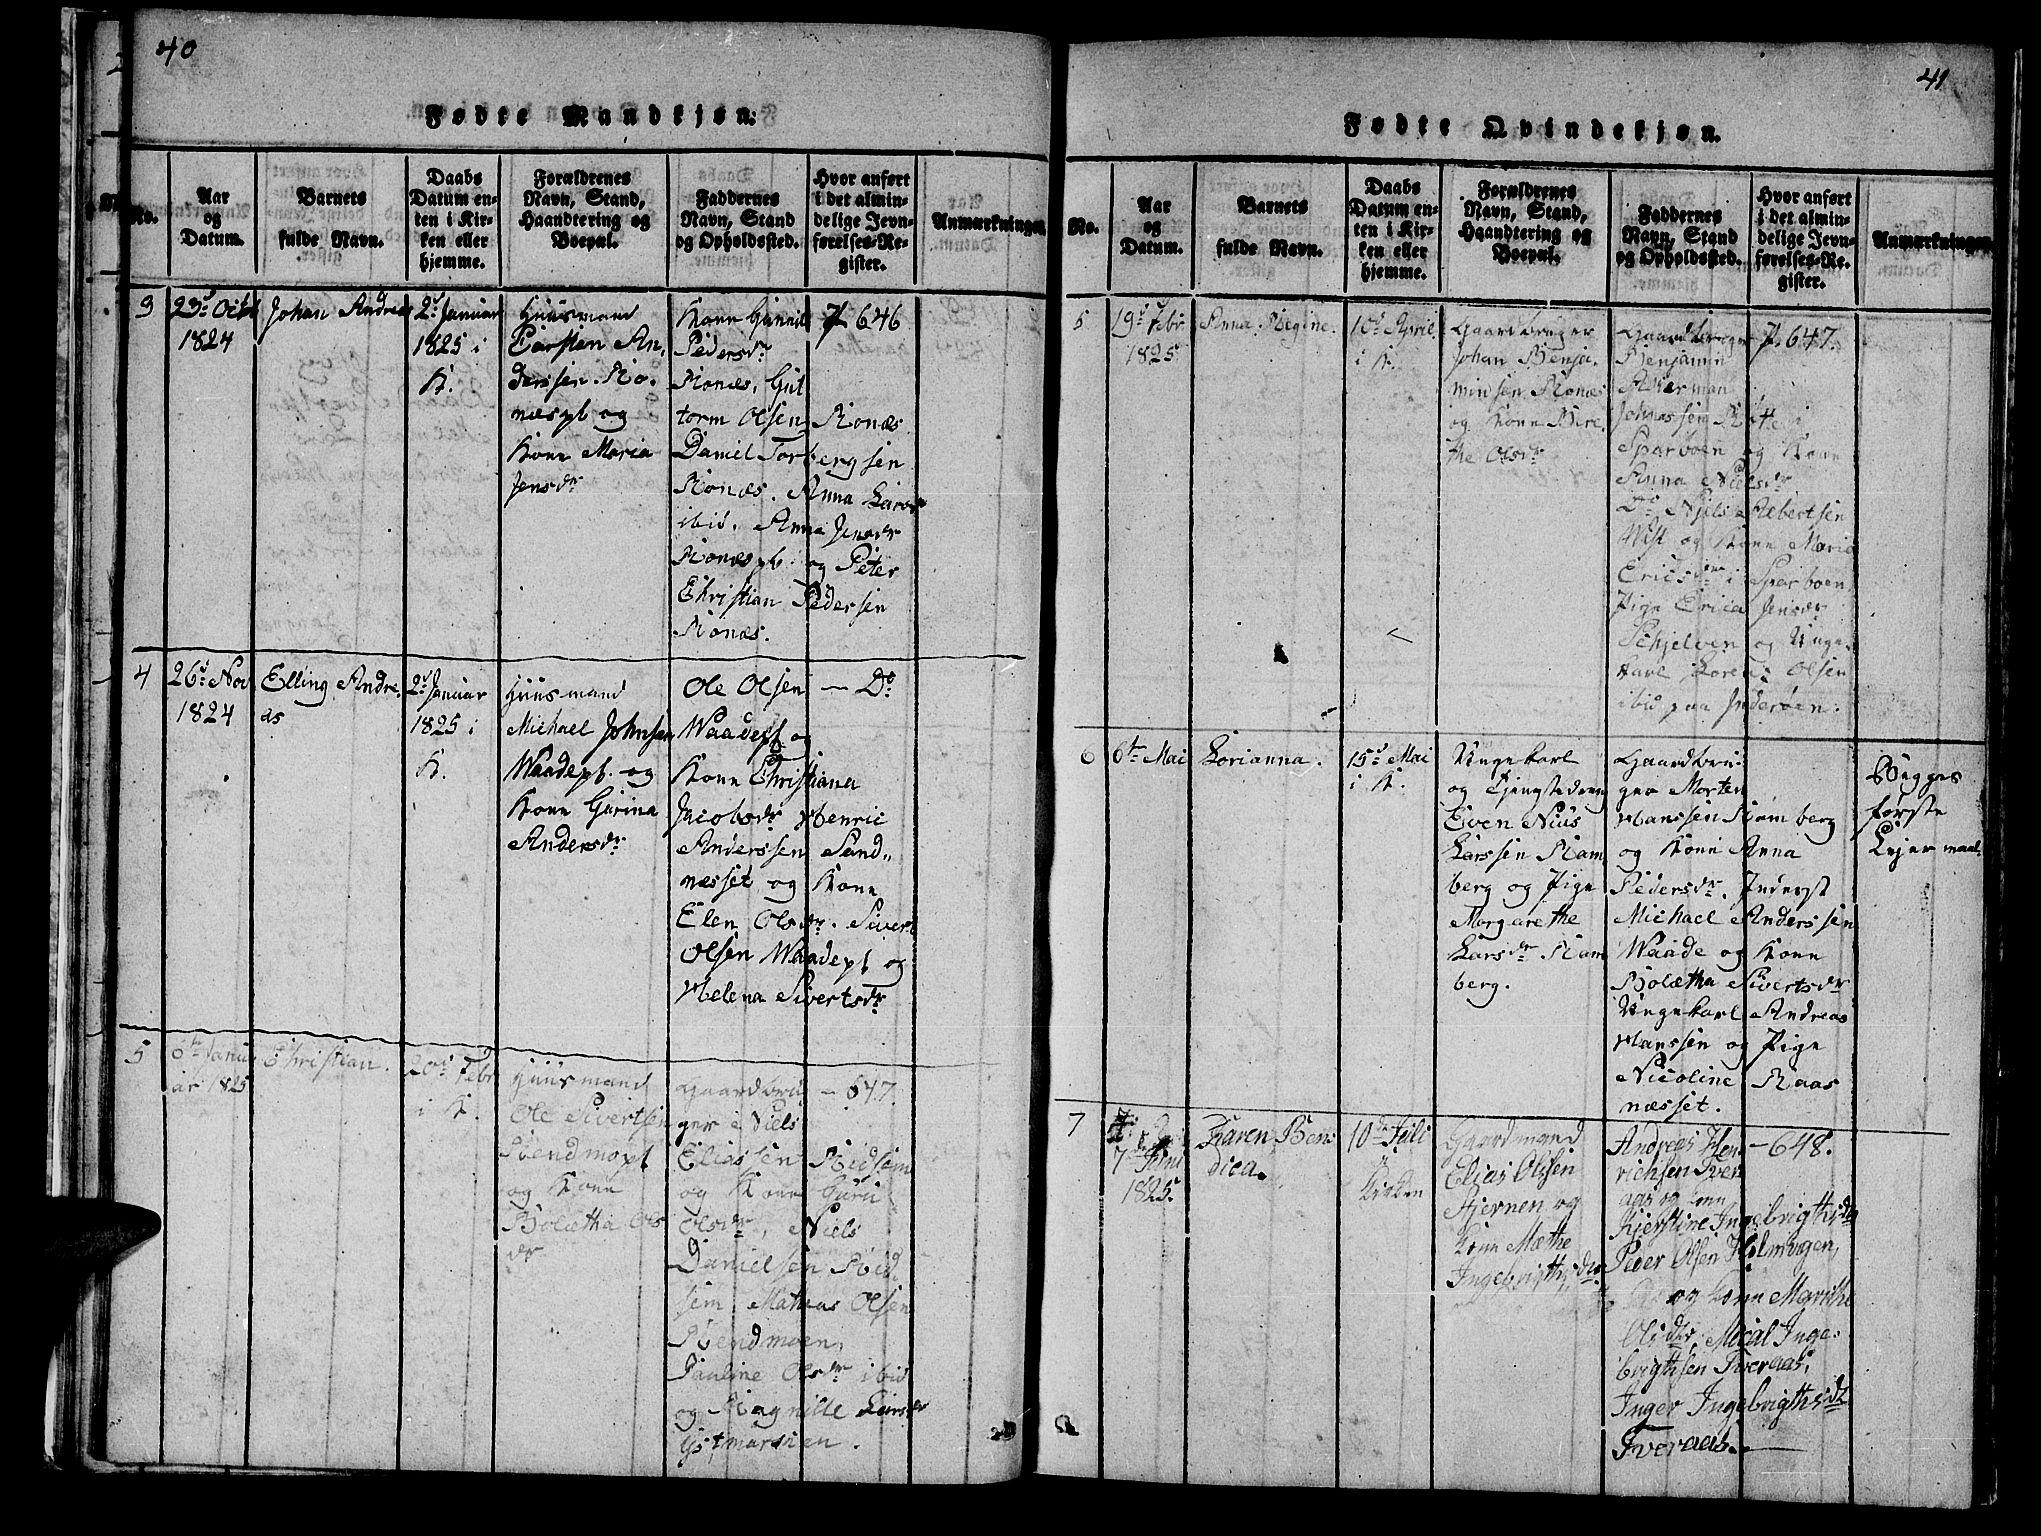 SAT, Ministerialprotokoller, klokkerbøker og fødselsregistre - Nord-Trøndelag, 745/L0433: Klokkerbok nr. 745C02, 1817-1825, s. 40-41